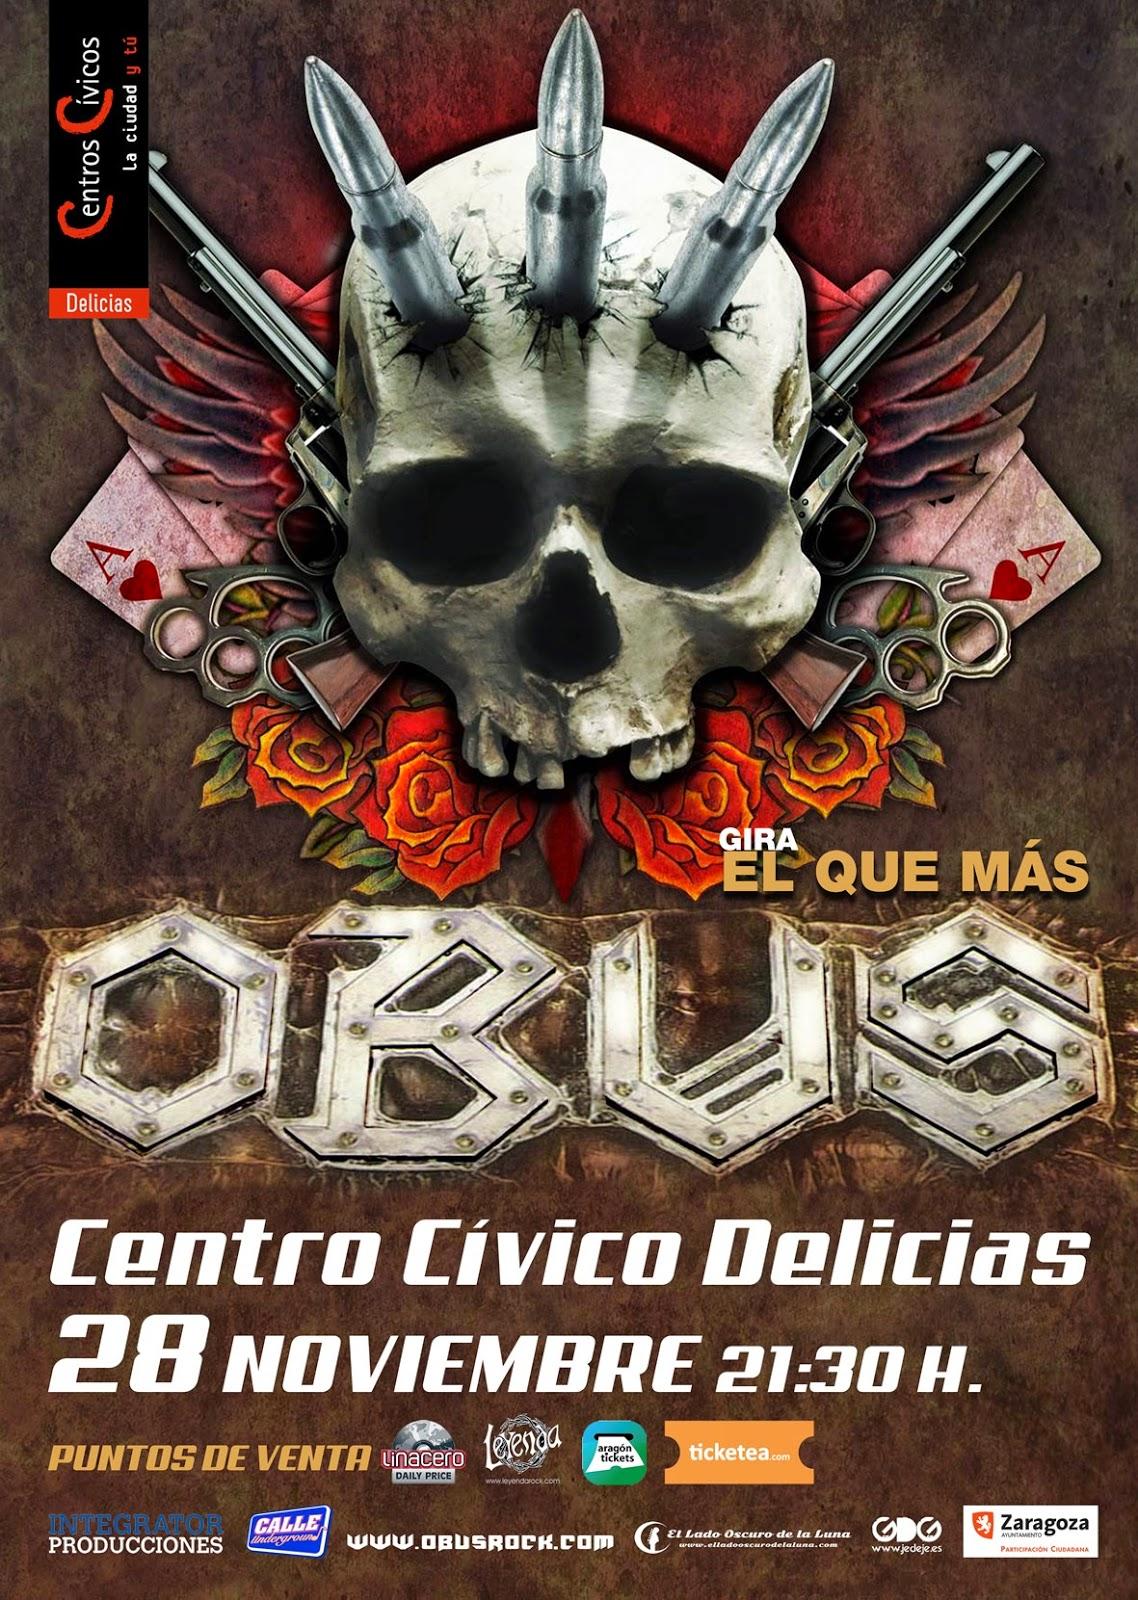 Concierto de Obús en Zaragoza